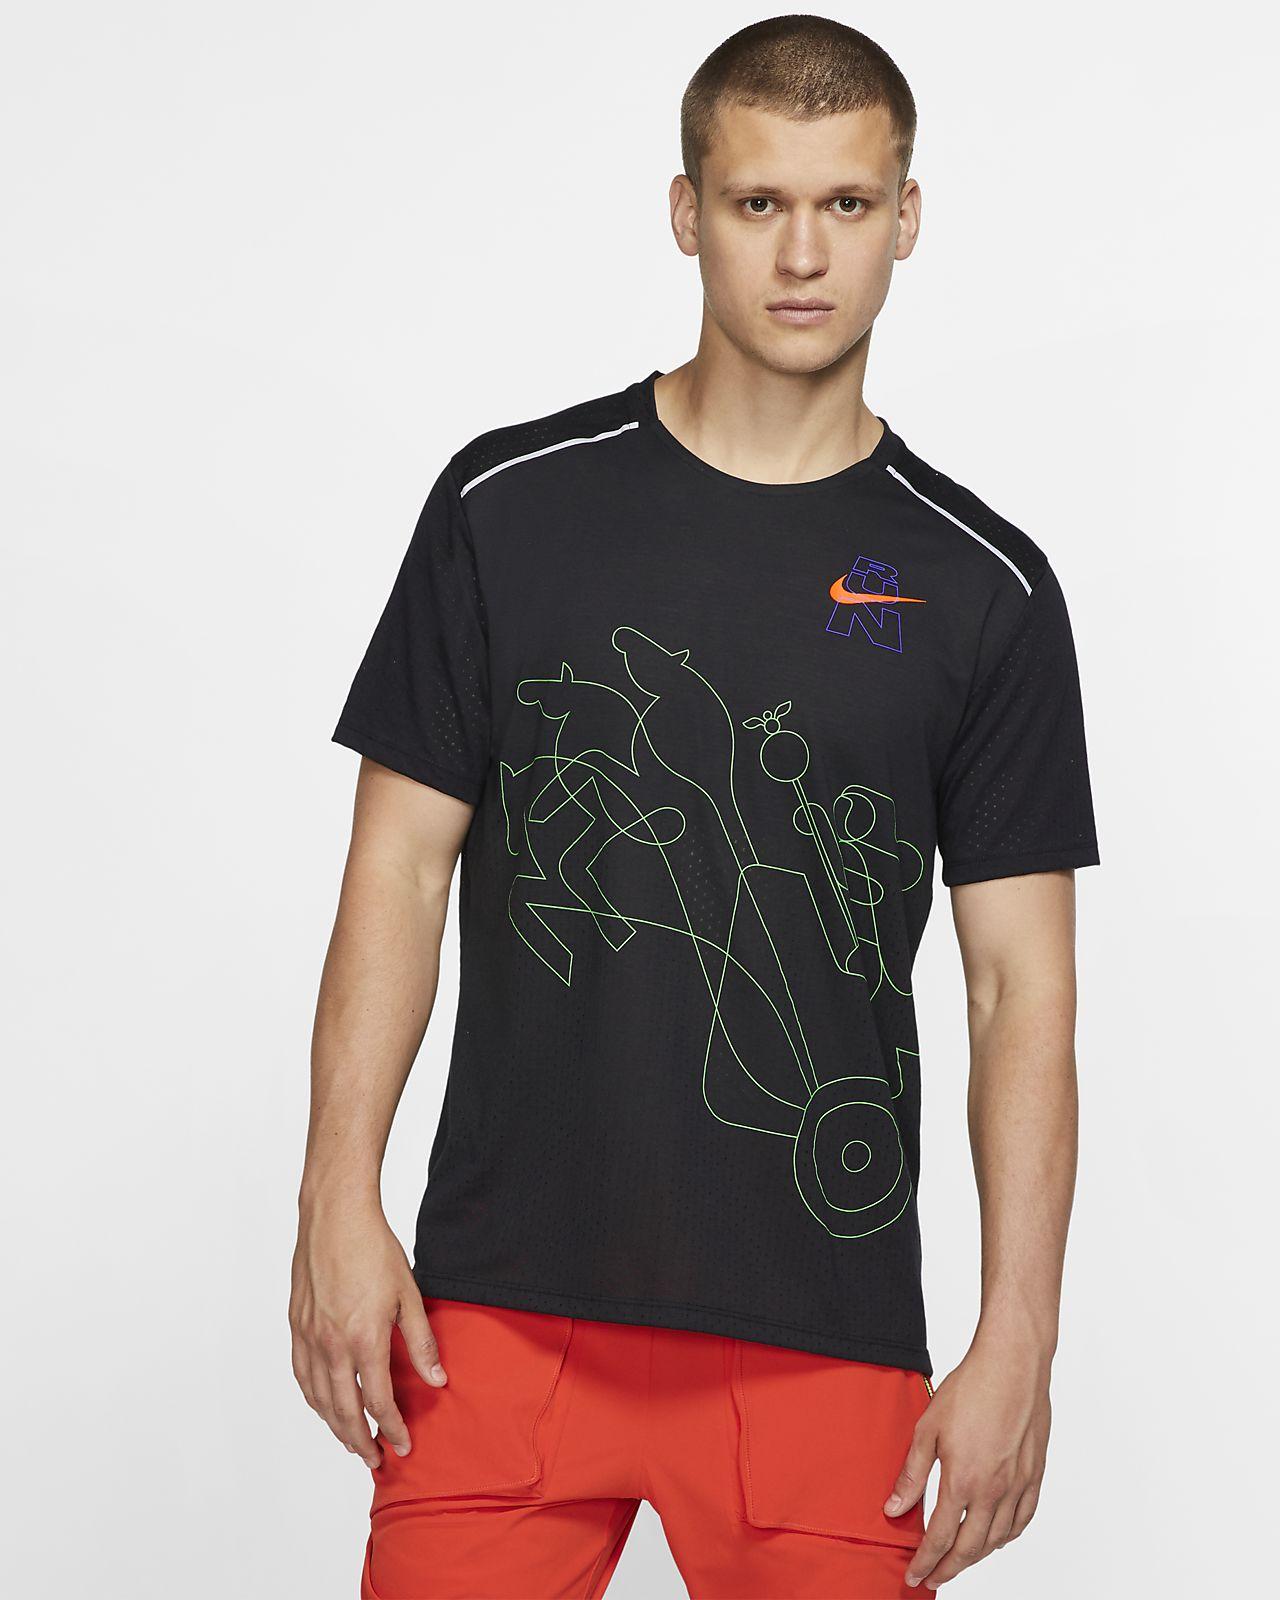 Pánské běžecké tričko Nike Rise 365 Berlin s krátkým rukávem